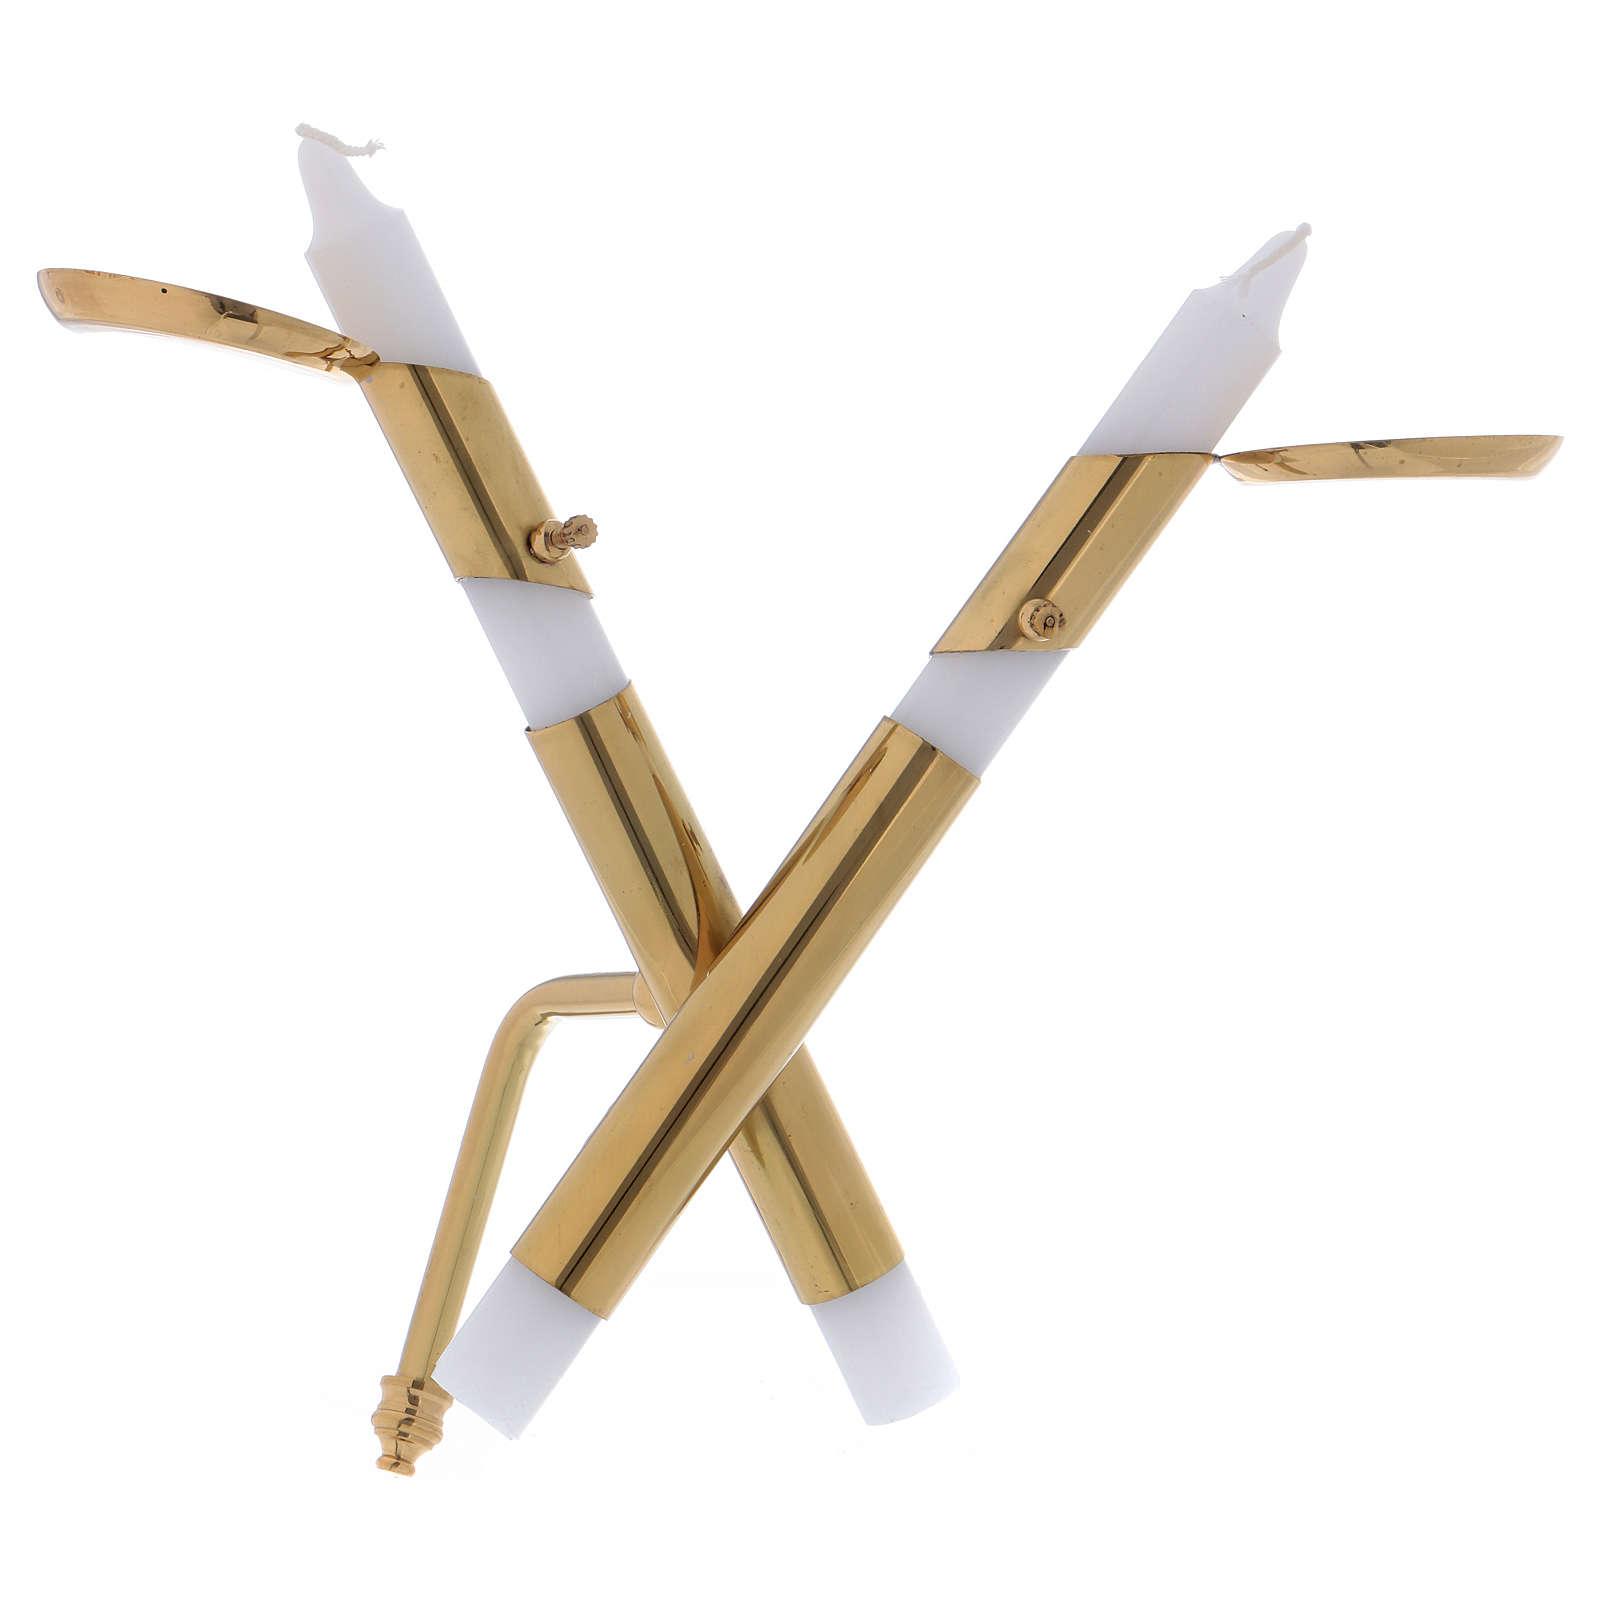 Portacandele in ottone dorato lucido moderno a forma di croce 4